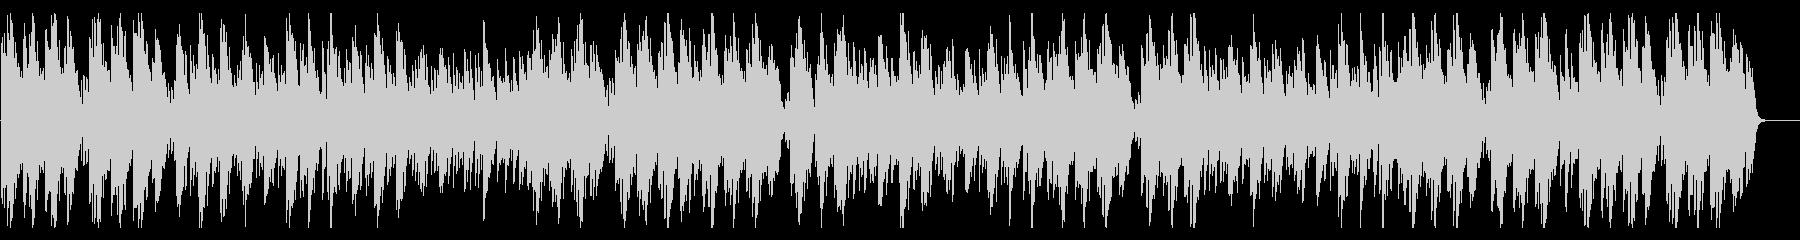 優しいピアノソロ風BGMの未再生の波形